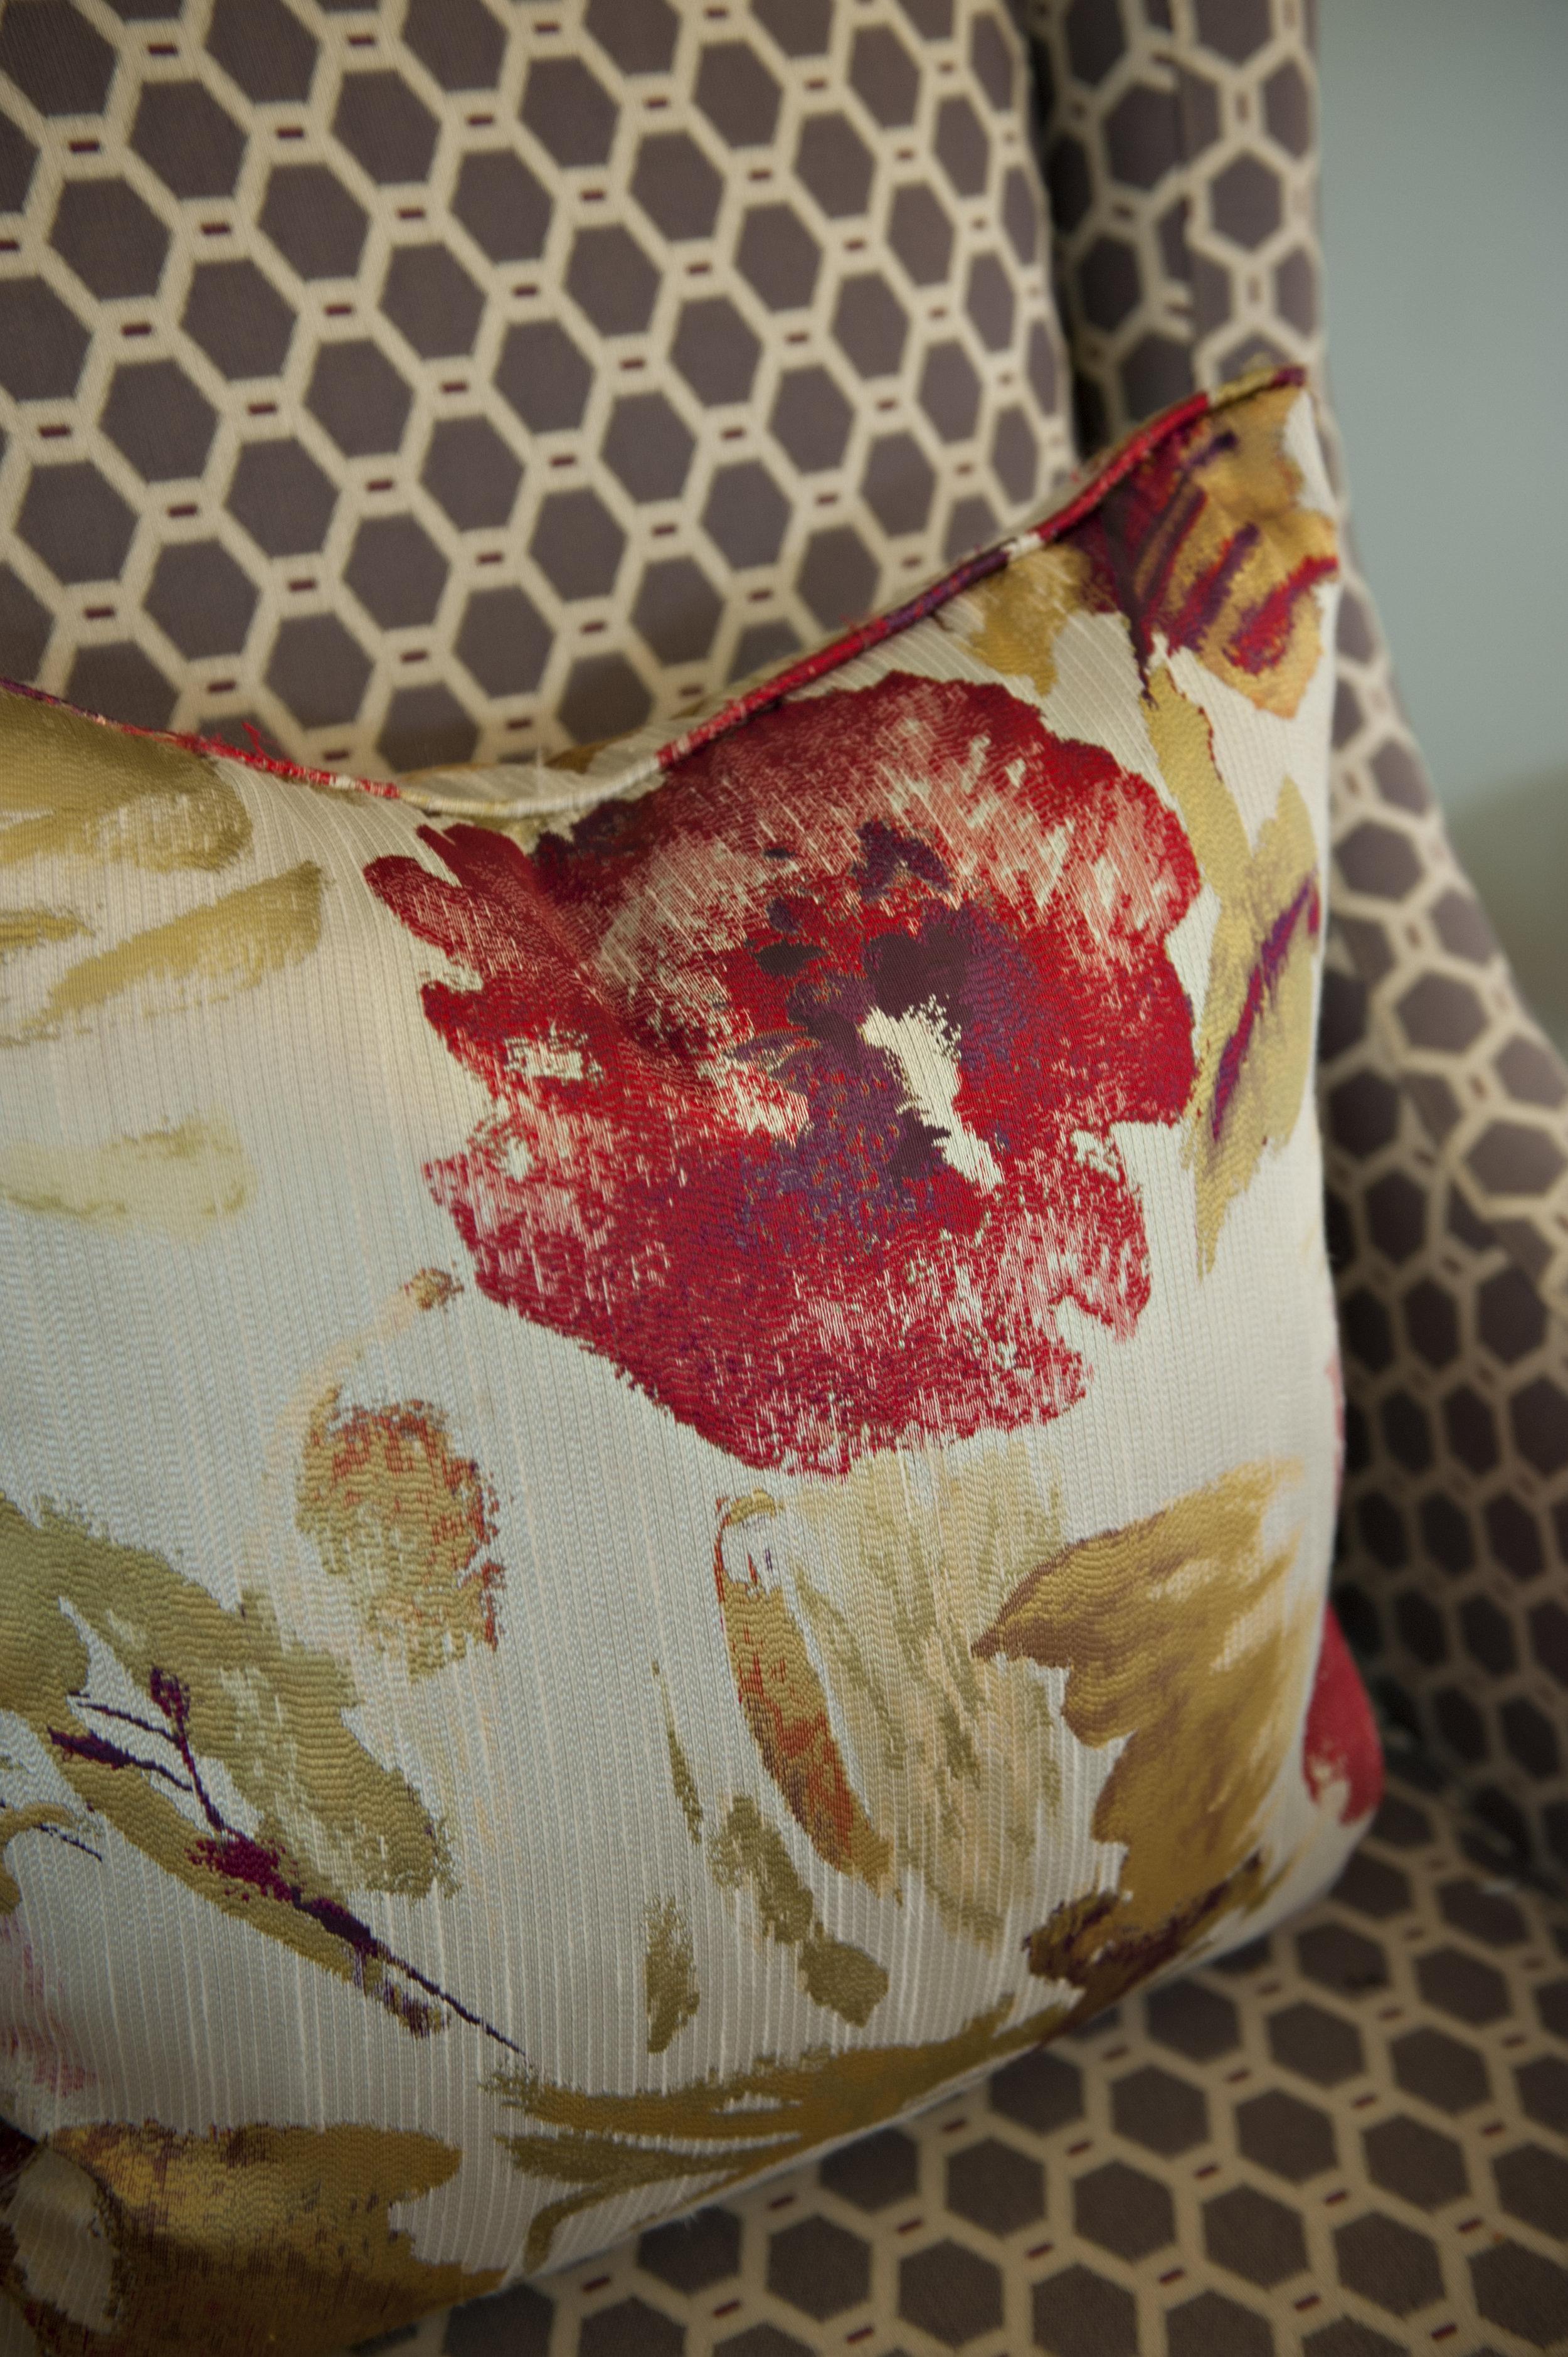 Candace-Plotz-Irving-Cushions